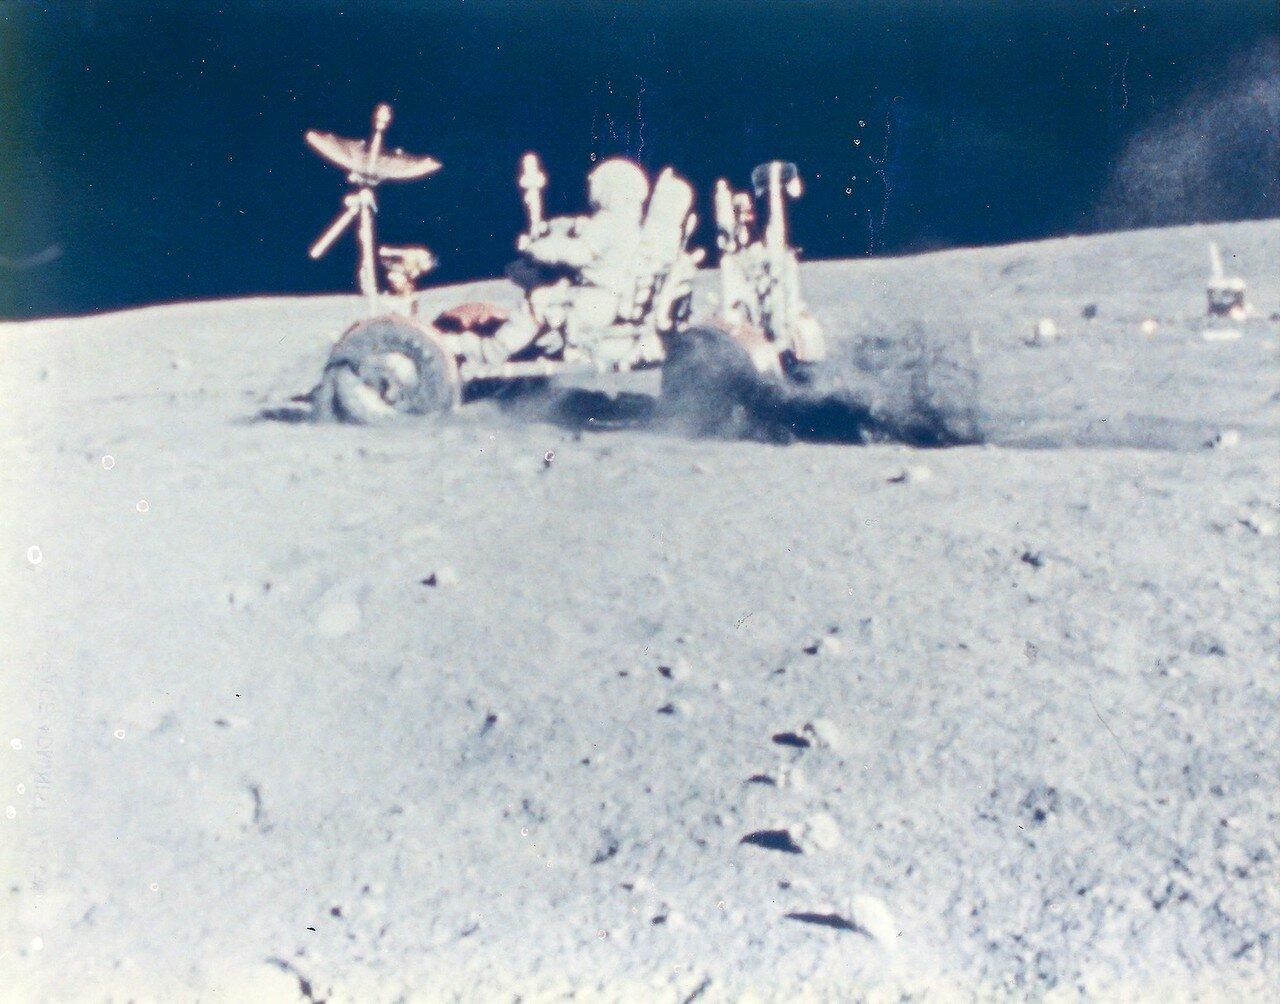 После возвращения к лунному модулю, астронавты по плану устроили так называемый гран-при. Янг совершил демонстрационную поездку на «Ровере», выполняя заранее оговорённые на Земле манёвры. На снимке: Лунный Гран-при